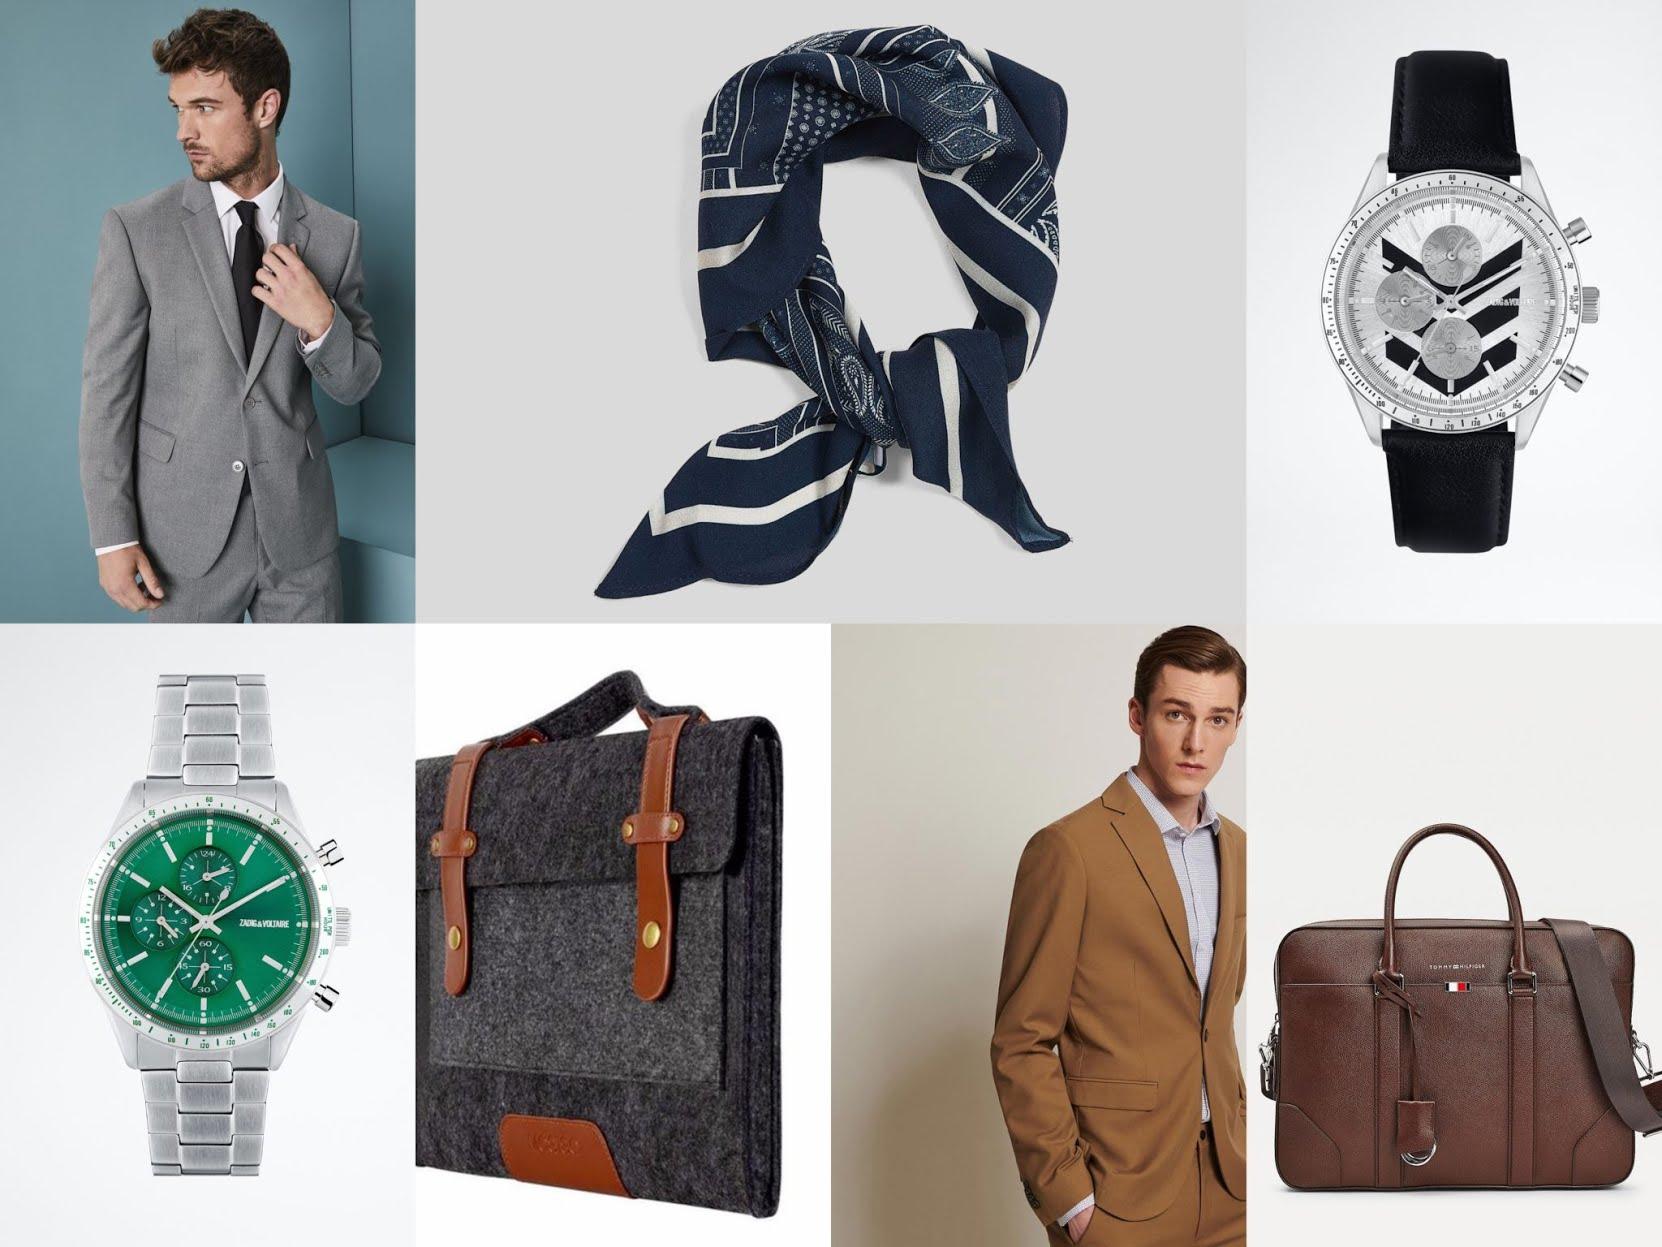 Entretien d'embauche, quelle tenue choisir ? Une veste de costume et des accessoires bien choisis